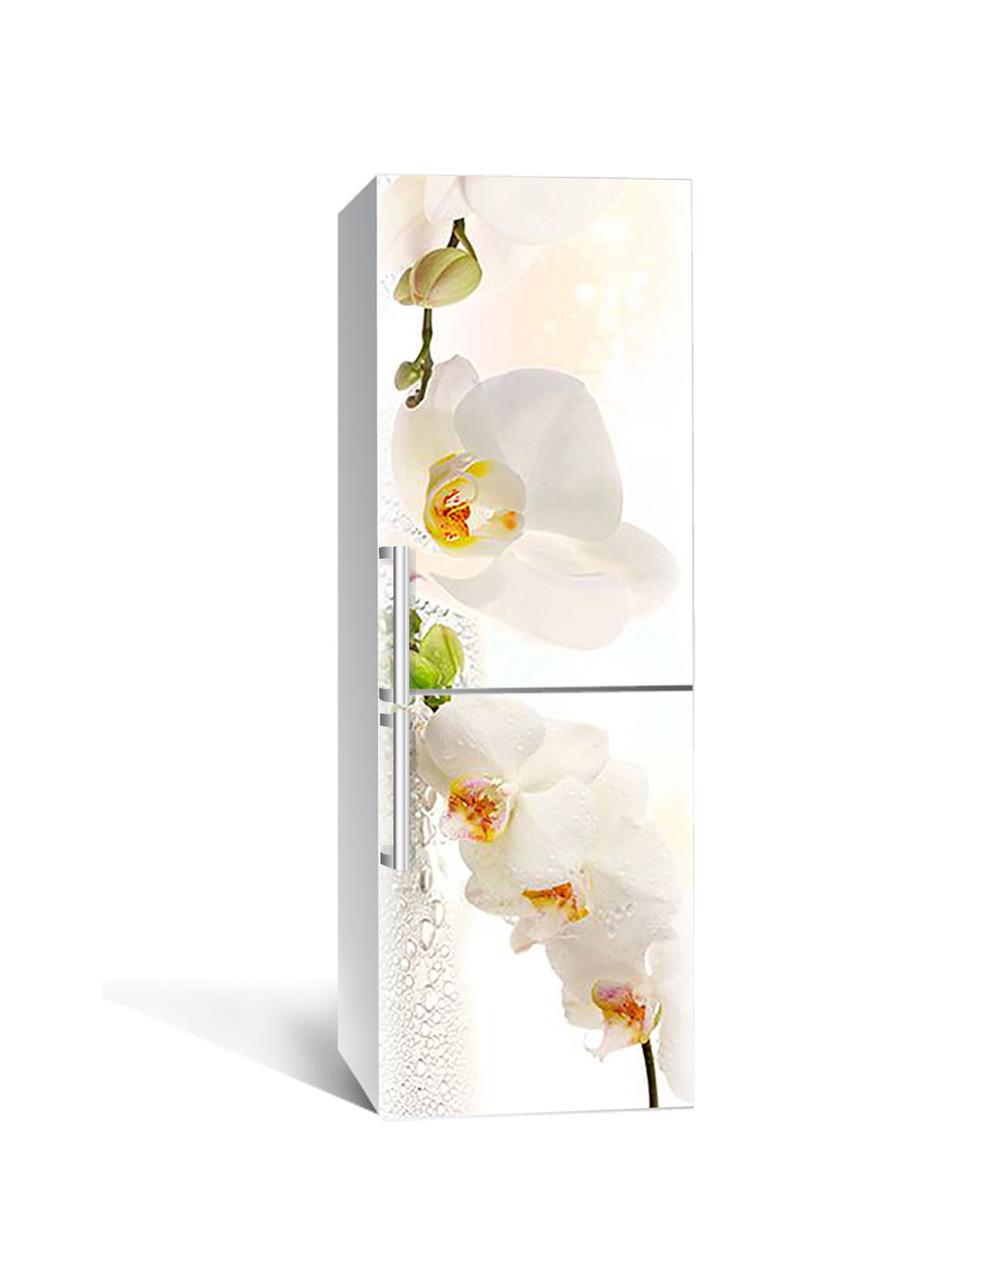 Виниловая наклейка на холодильник Белая орхидея 03 самоклеющаяся ламинированная пленка ПВХ цветы роса Бежевый